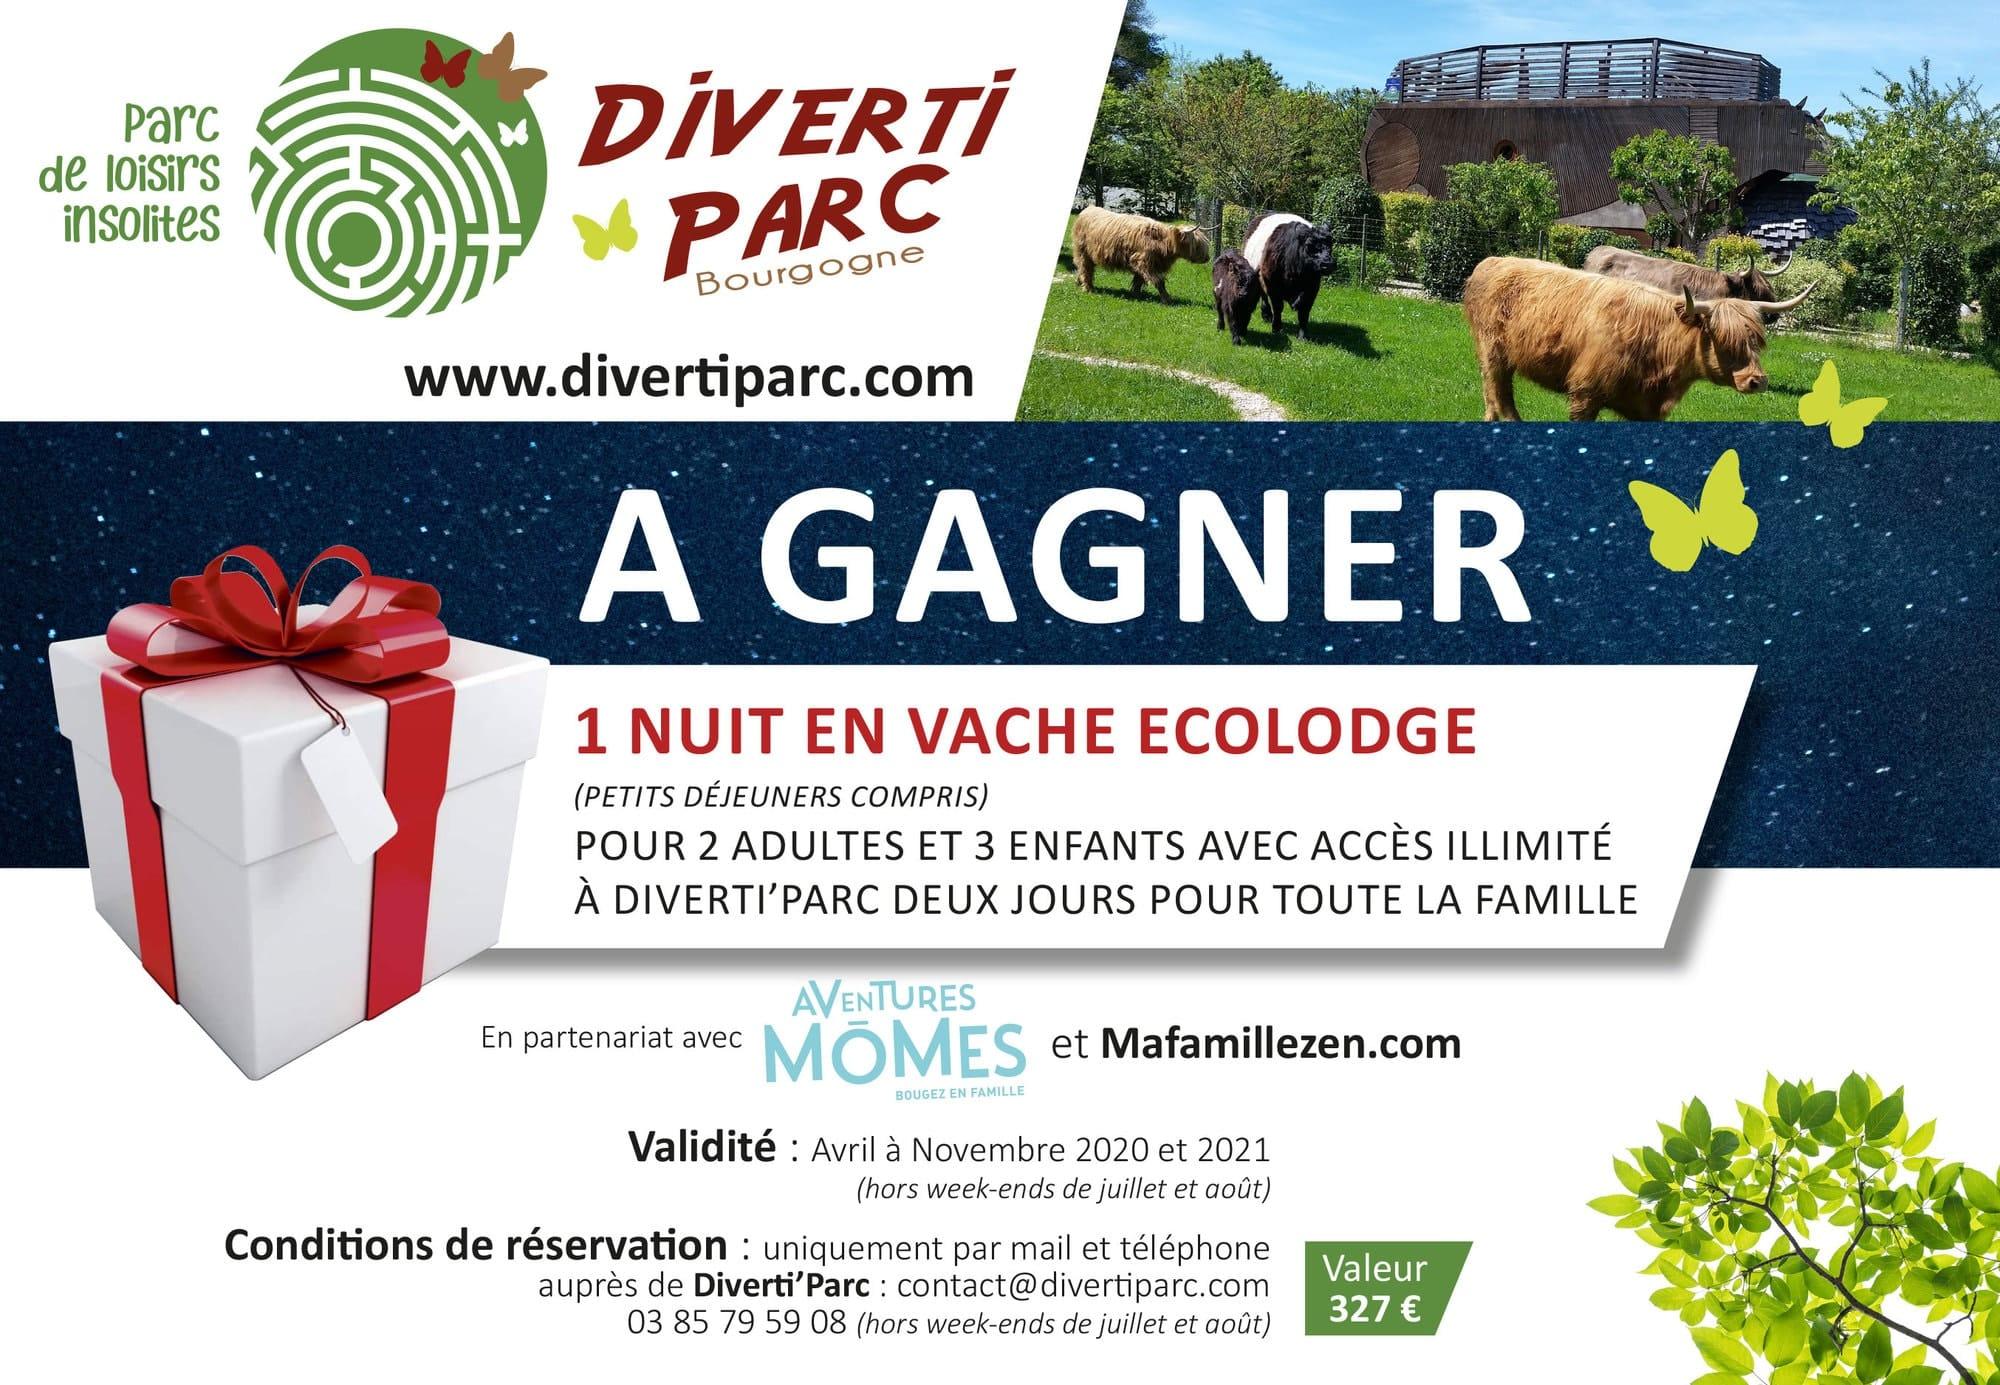 concours Divertiparc Mafamillezen